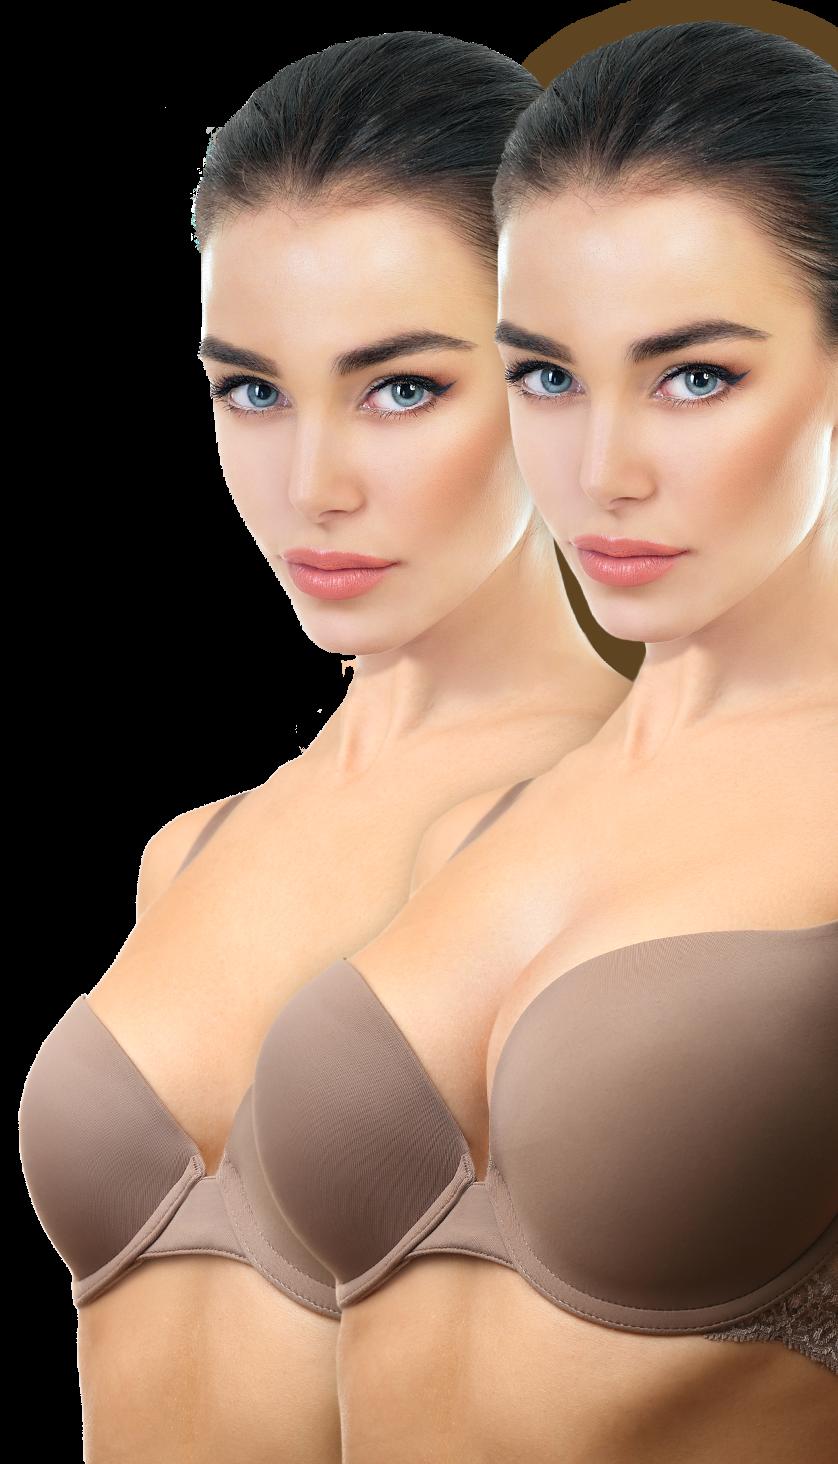 Breast Augmentation Denton Tx Lewisville Tx Flower Mound Tx